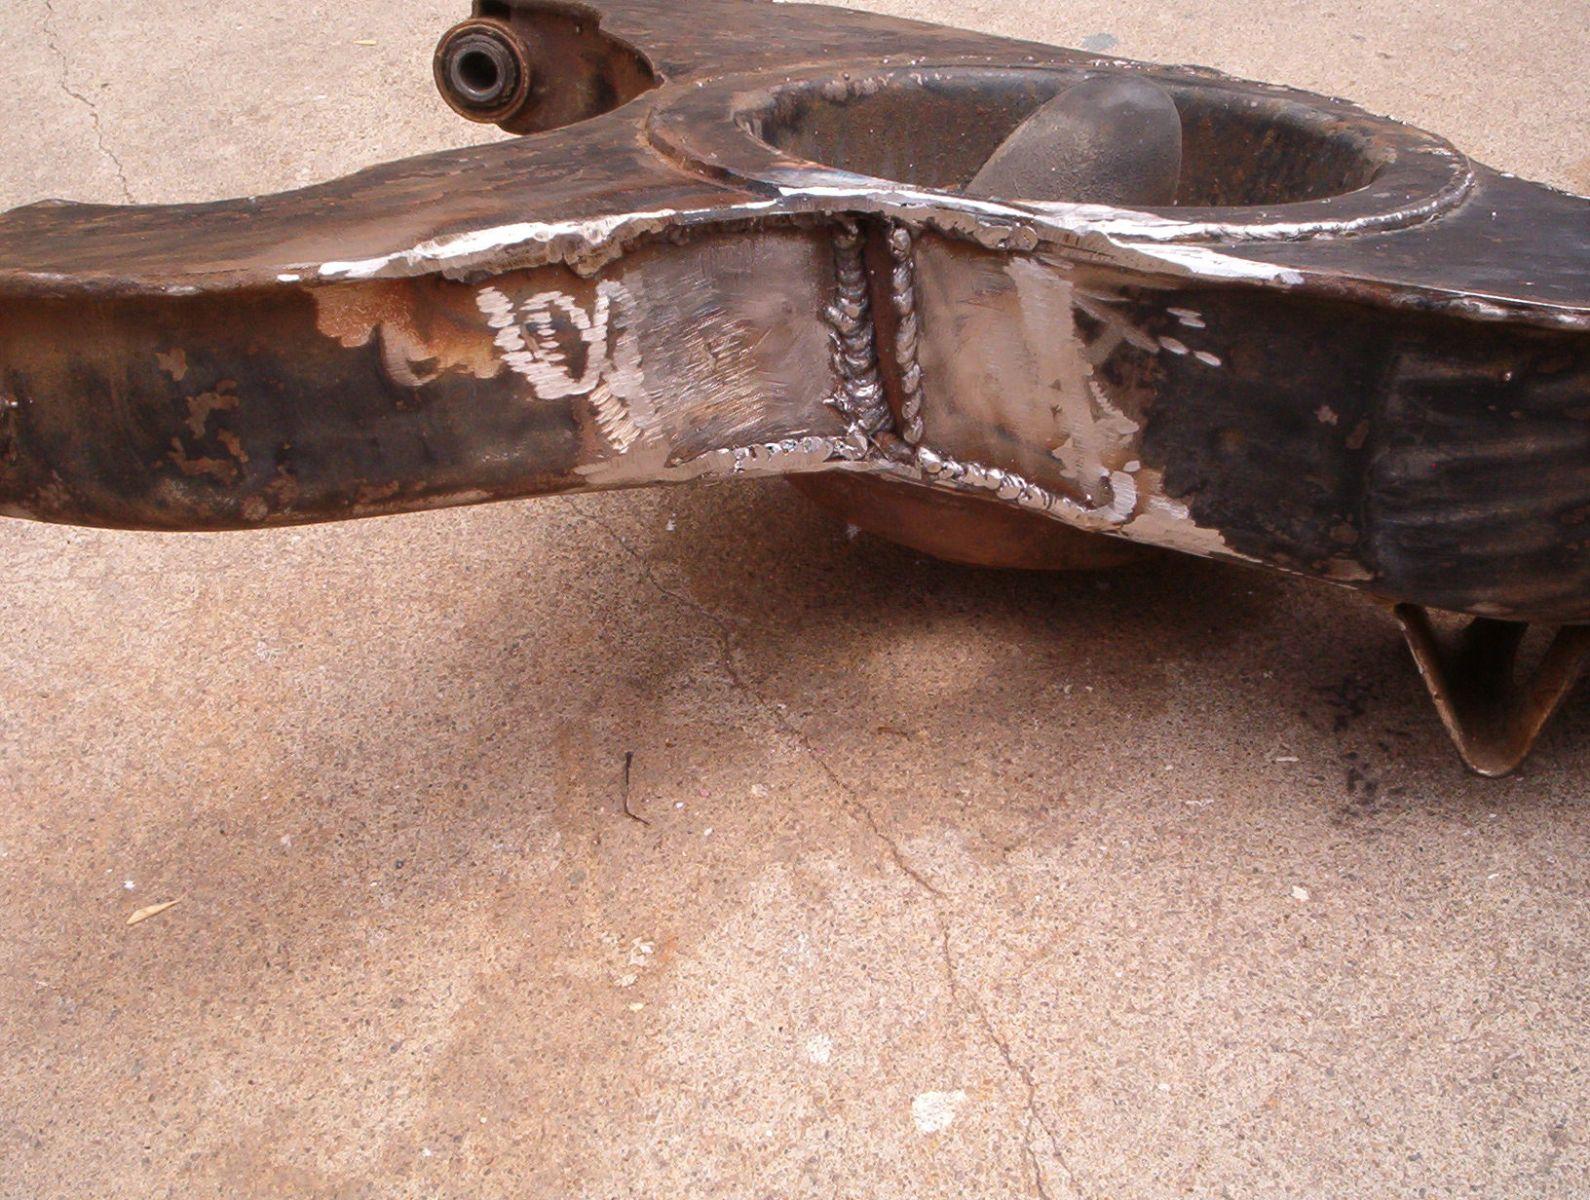 swing arm welded